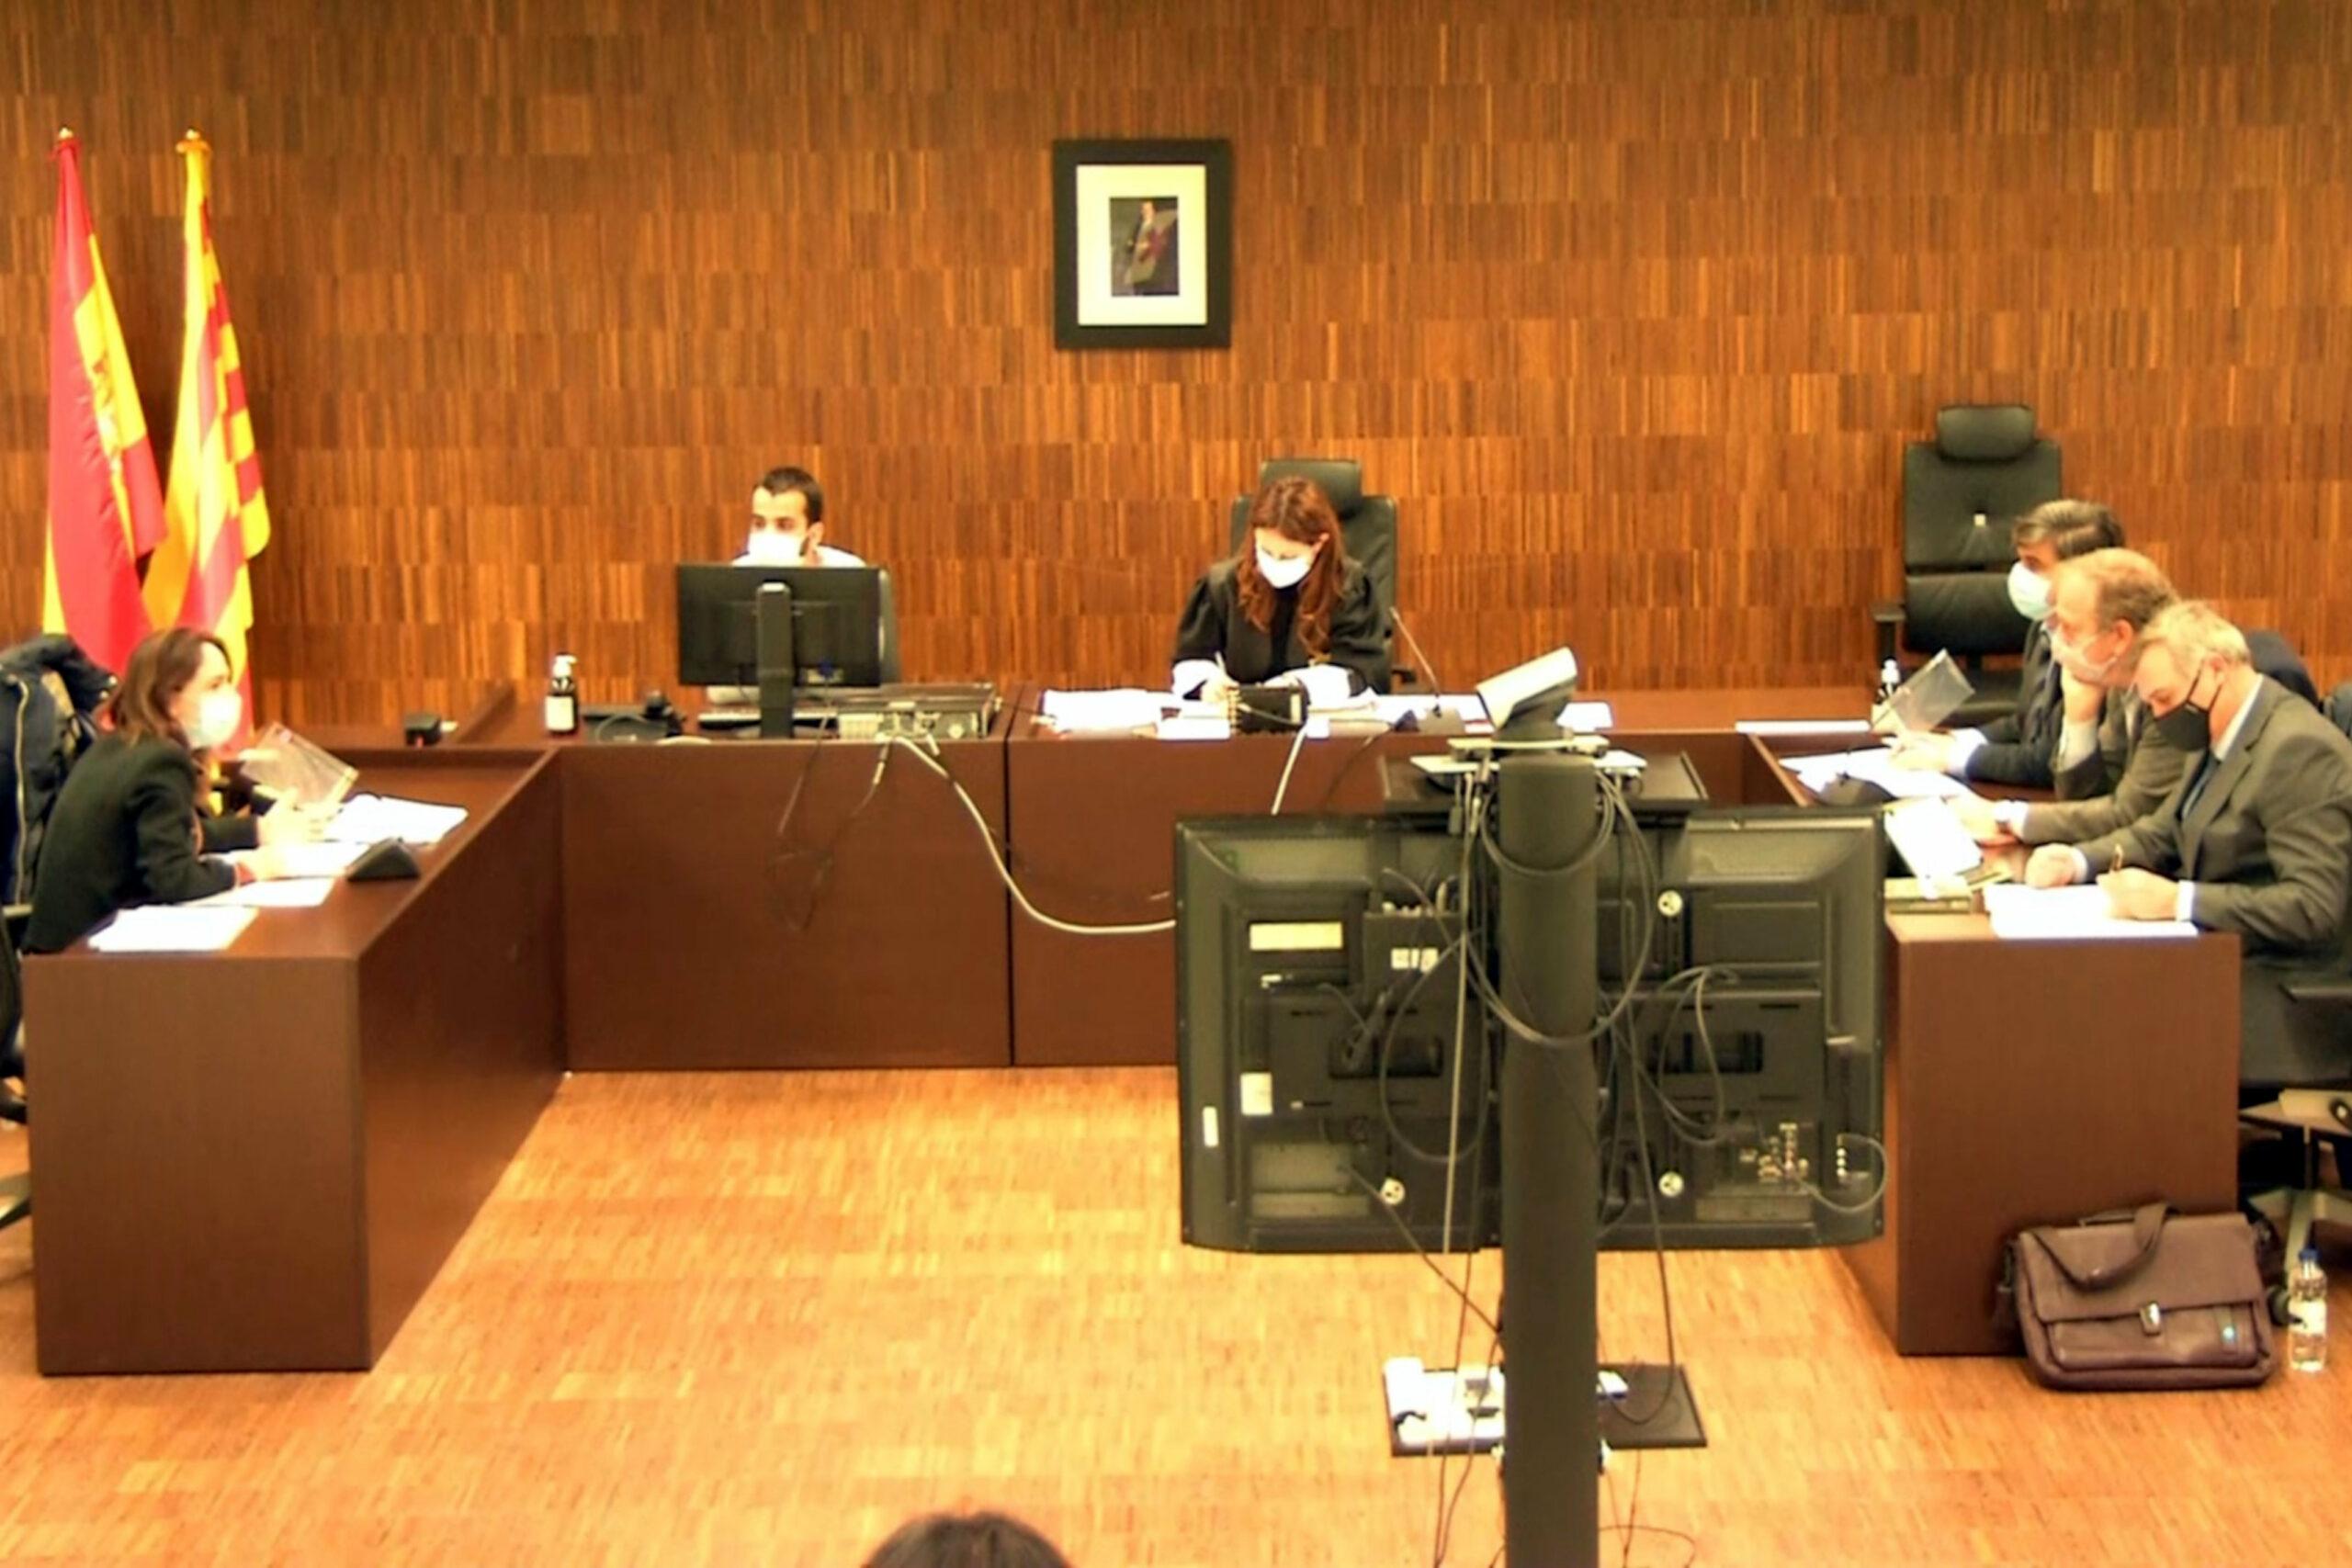 La sala durant el judici entre JxCat i PDeCAT   ACN